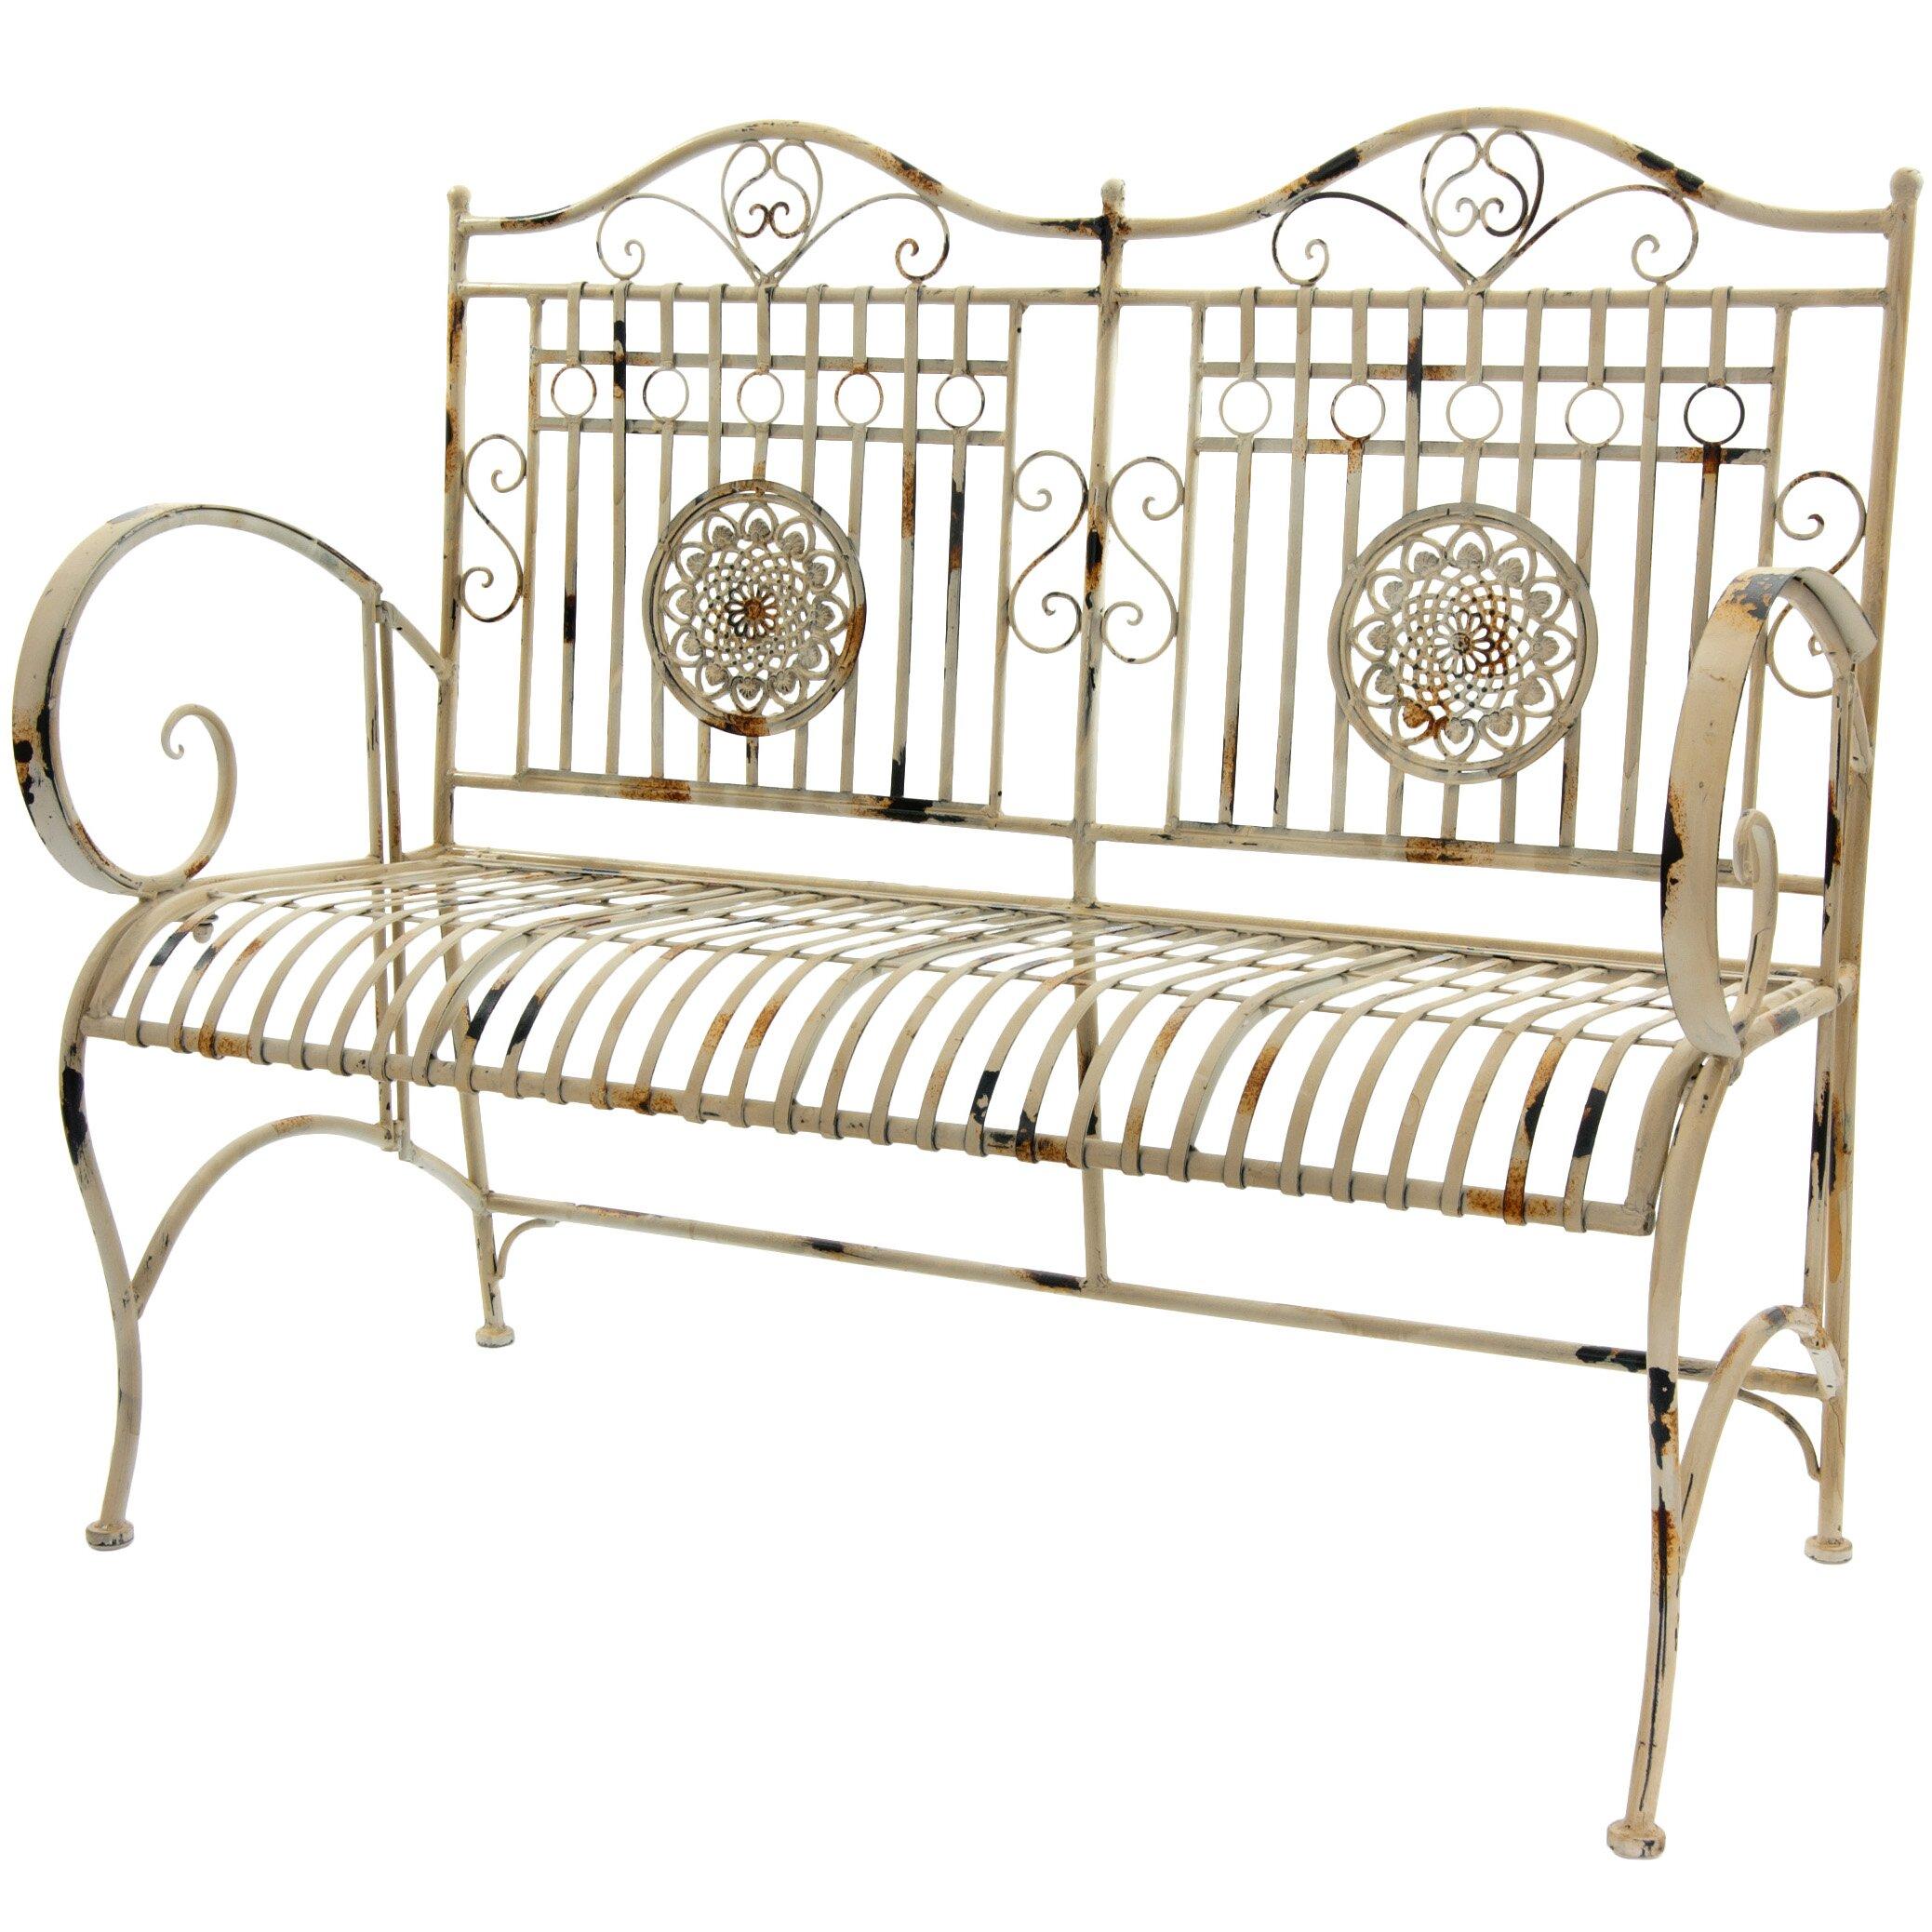 Rustic Metal Garden Bench | Wayfair